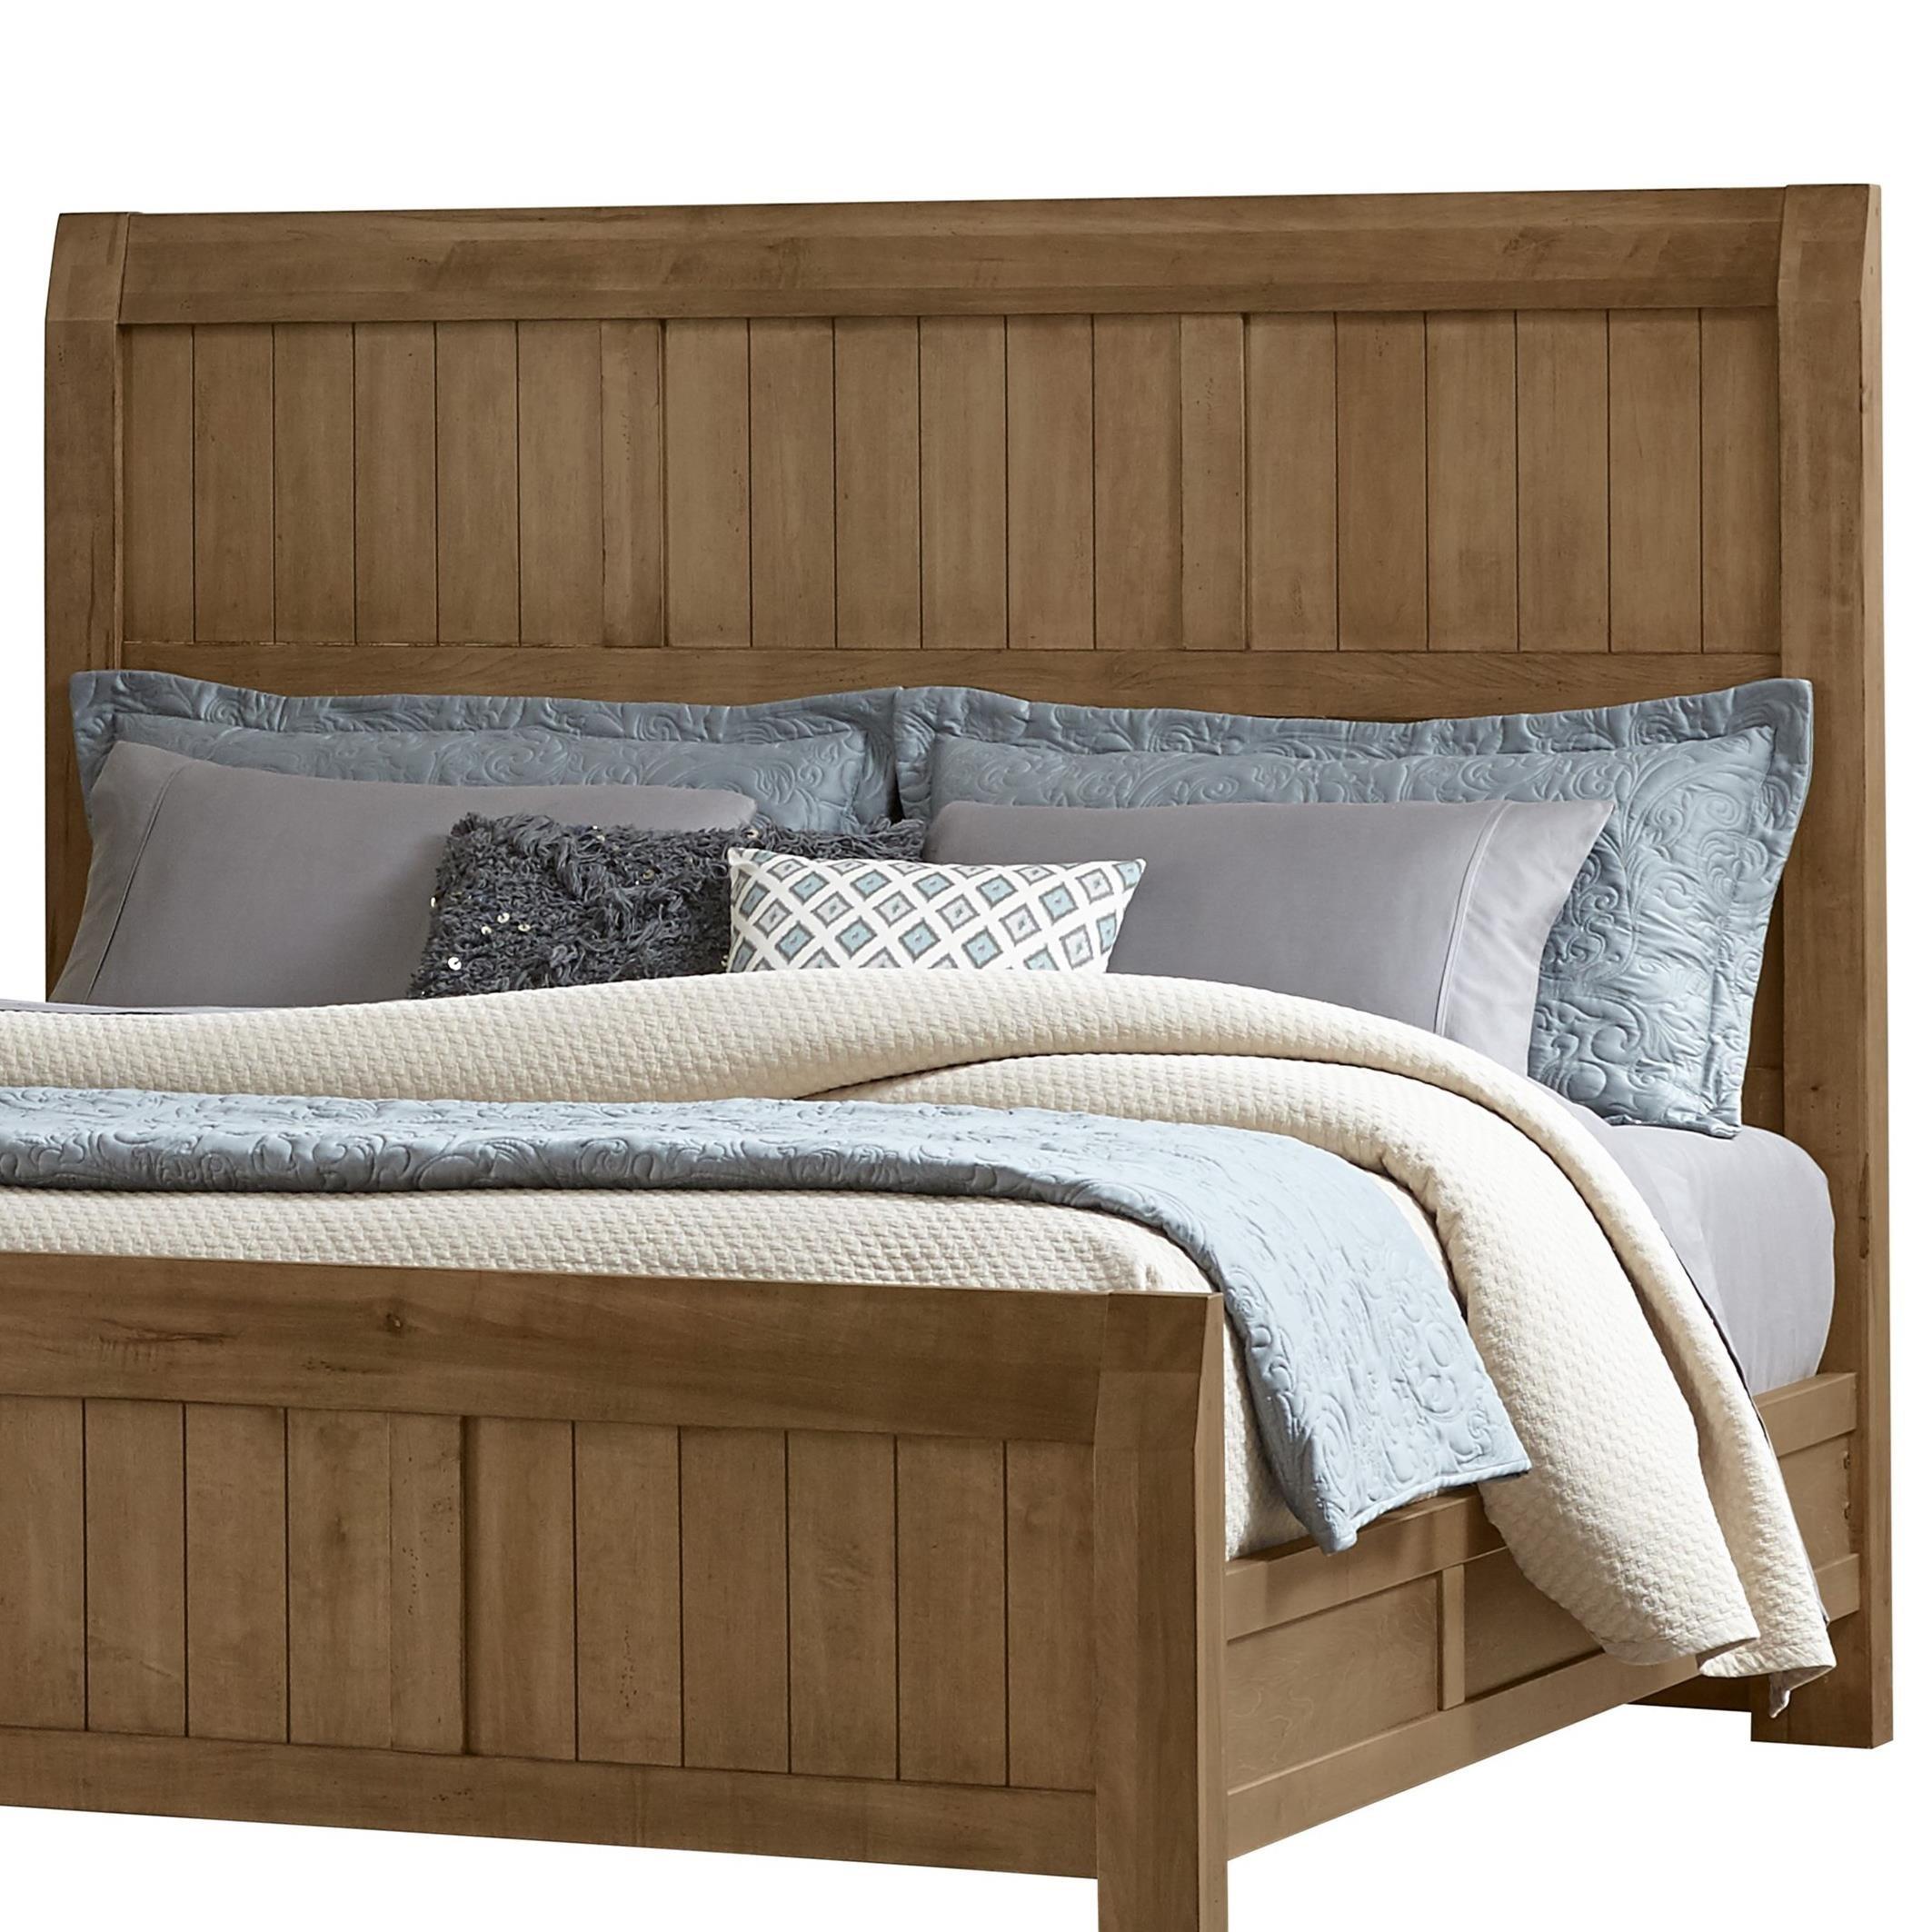 Timber Creek Queen Timber Headboard by Vaughan Bassett at Lapeer Furniture & Mattress Center